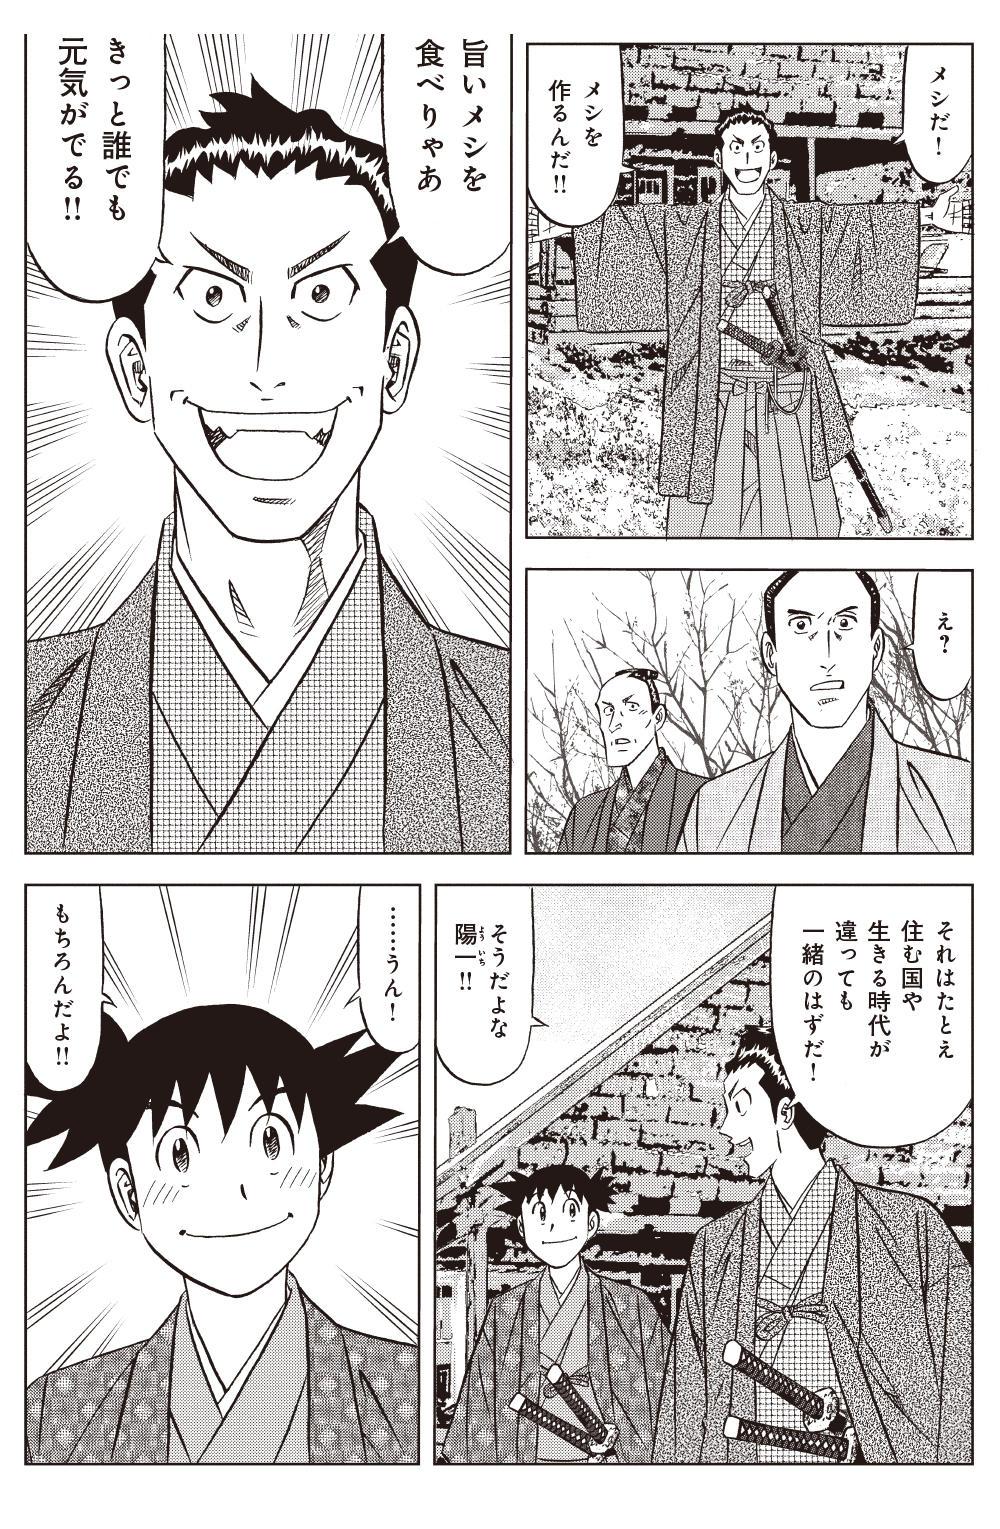 ミスター味っ子 幕末編 第3話「黄金大陸」②ajikko02-97.jpg